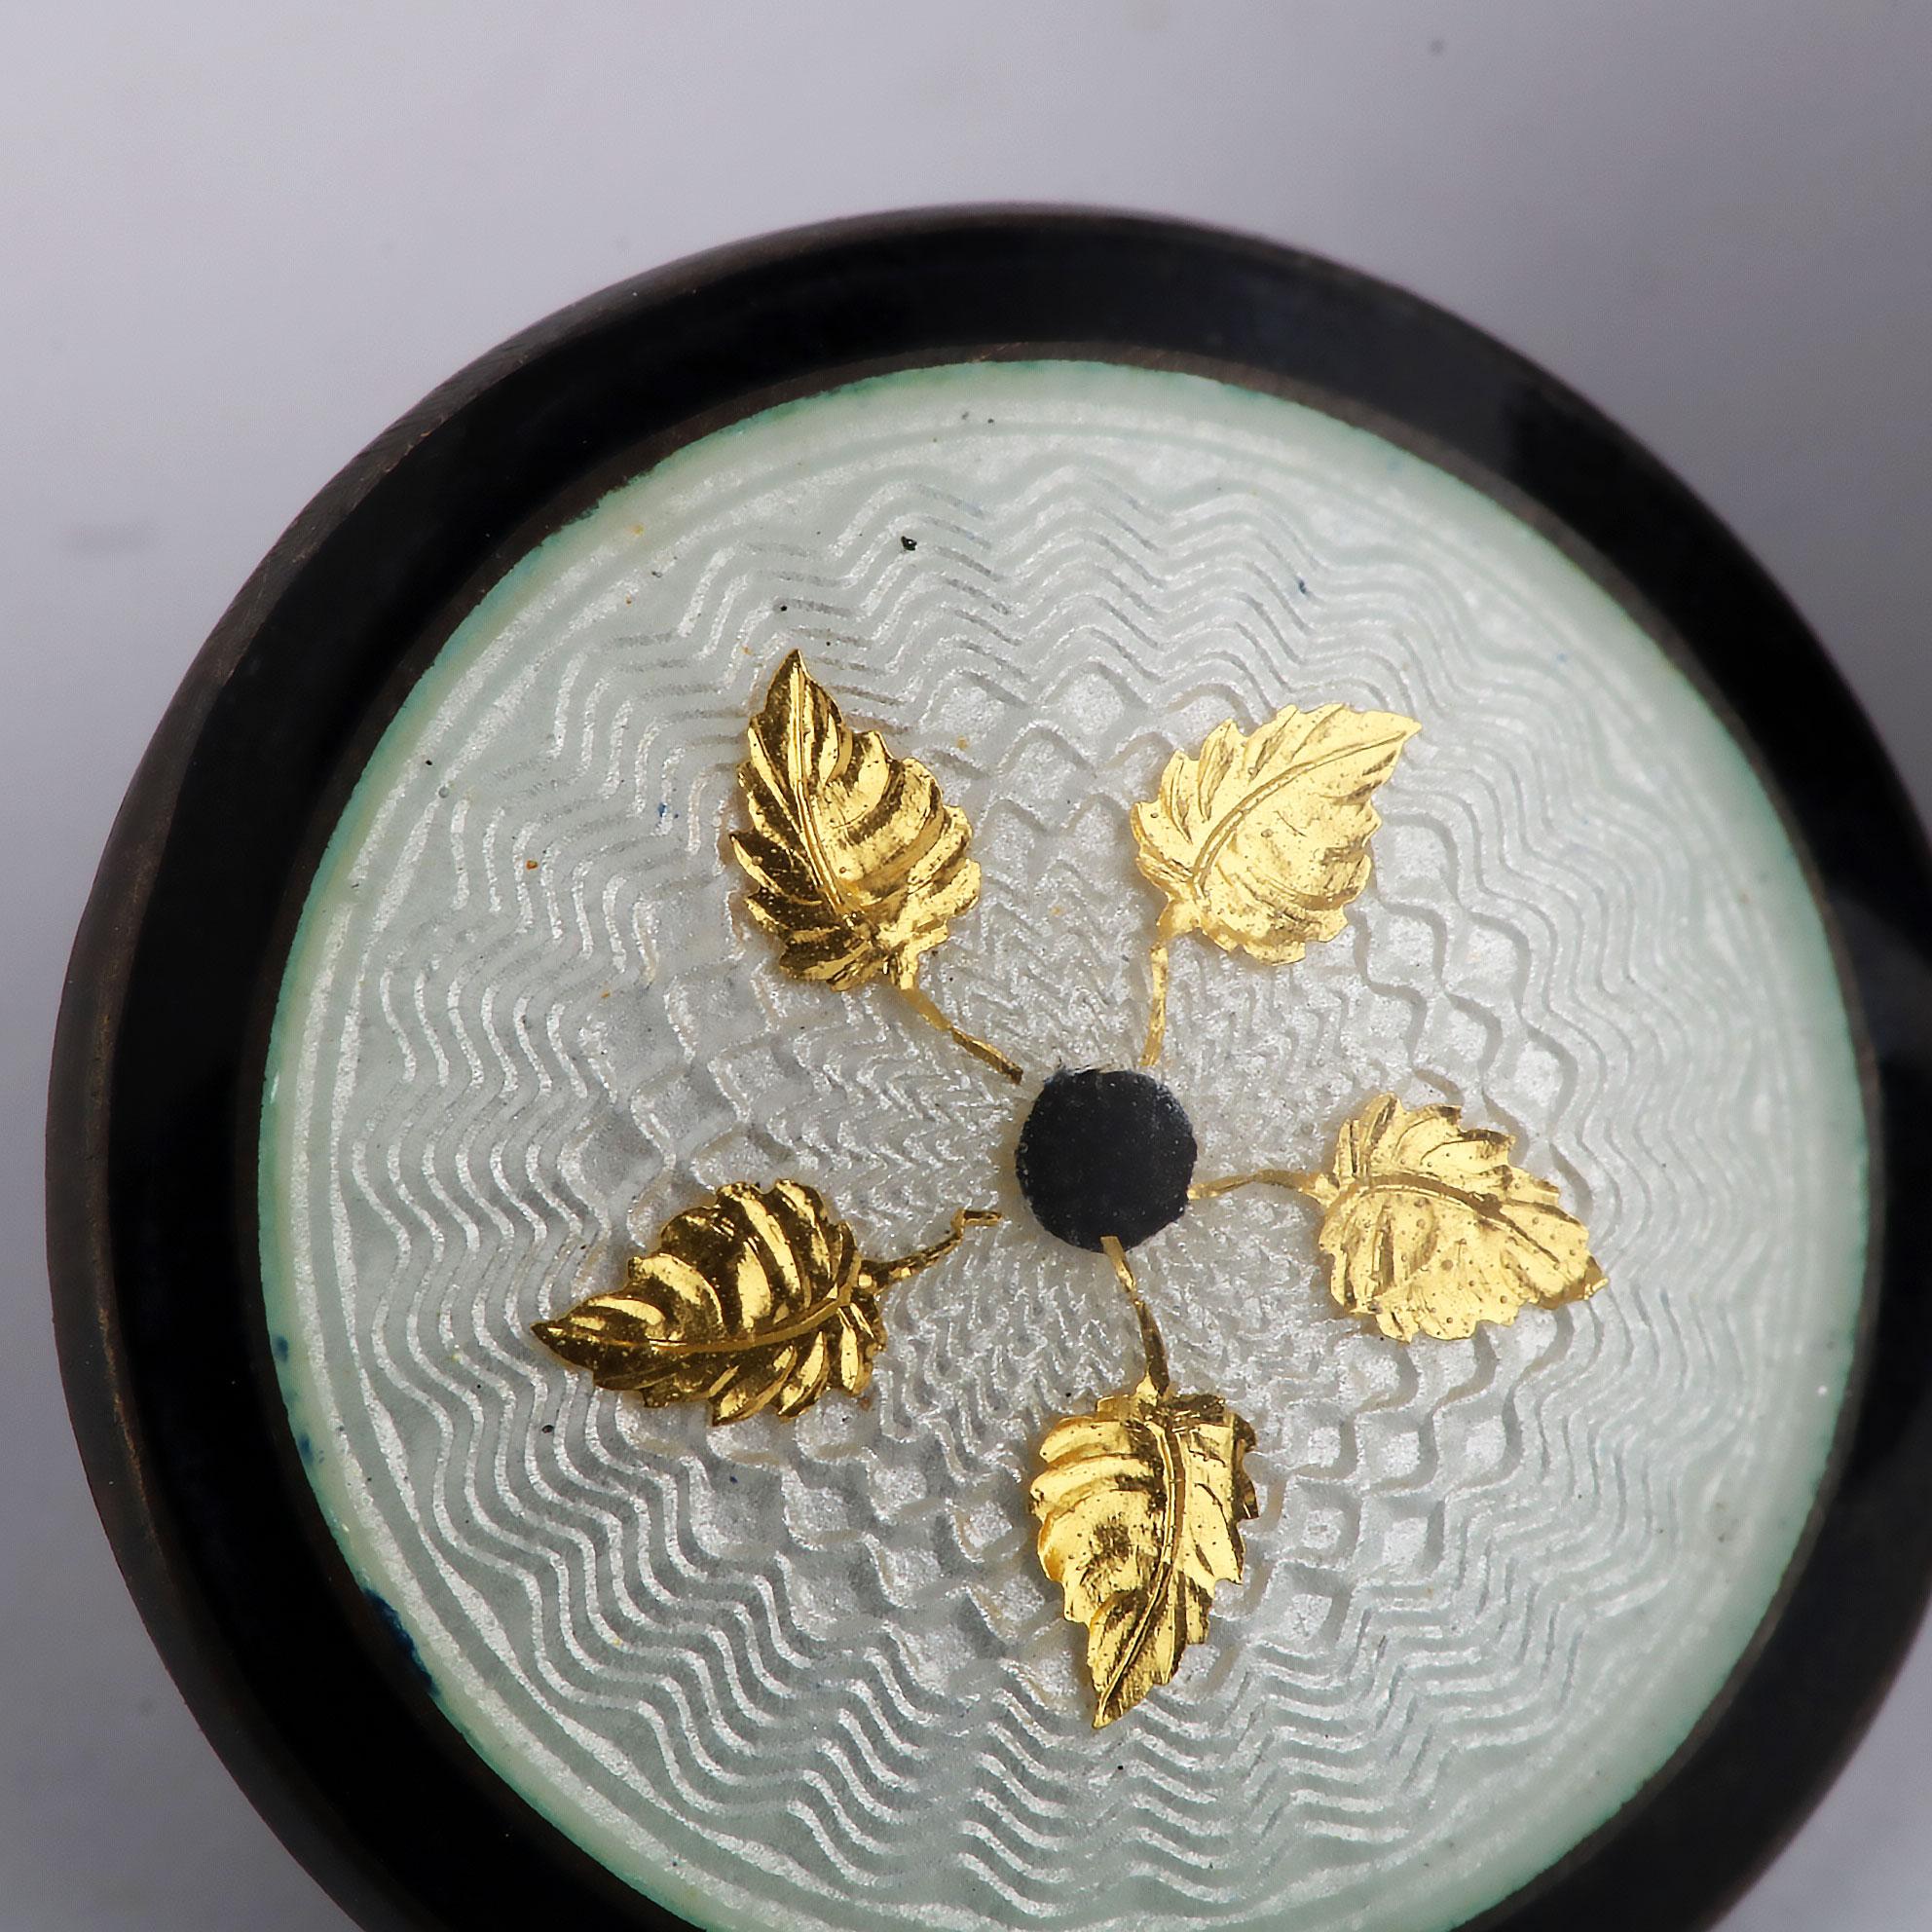 Erling Grønneberg, samling knapper, sølv, emalje